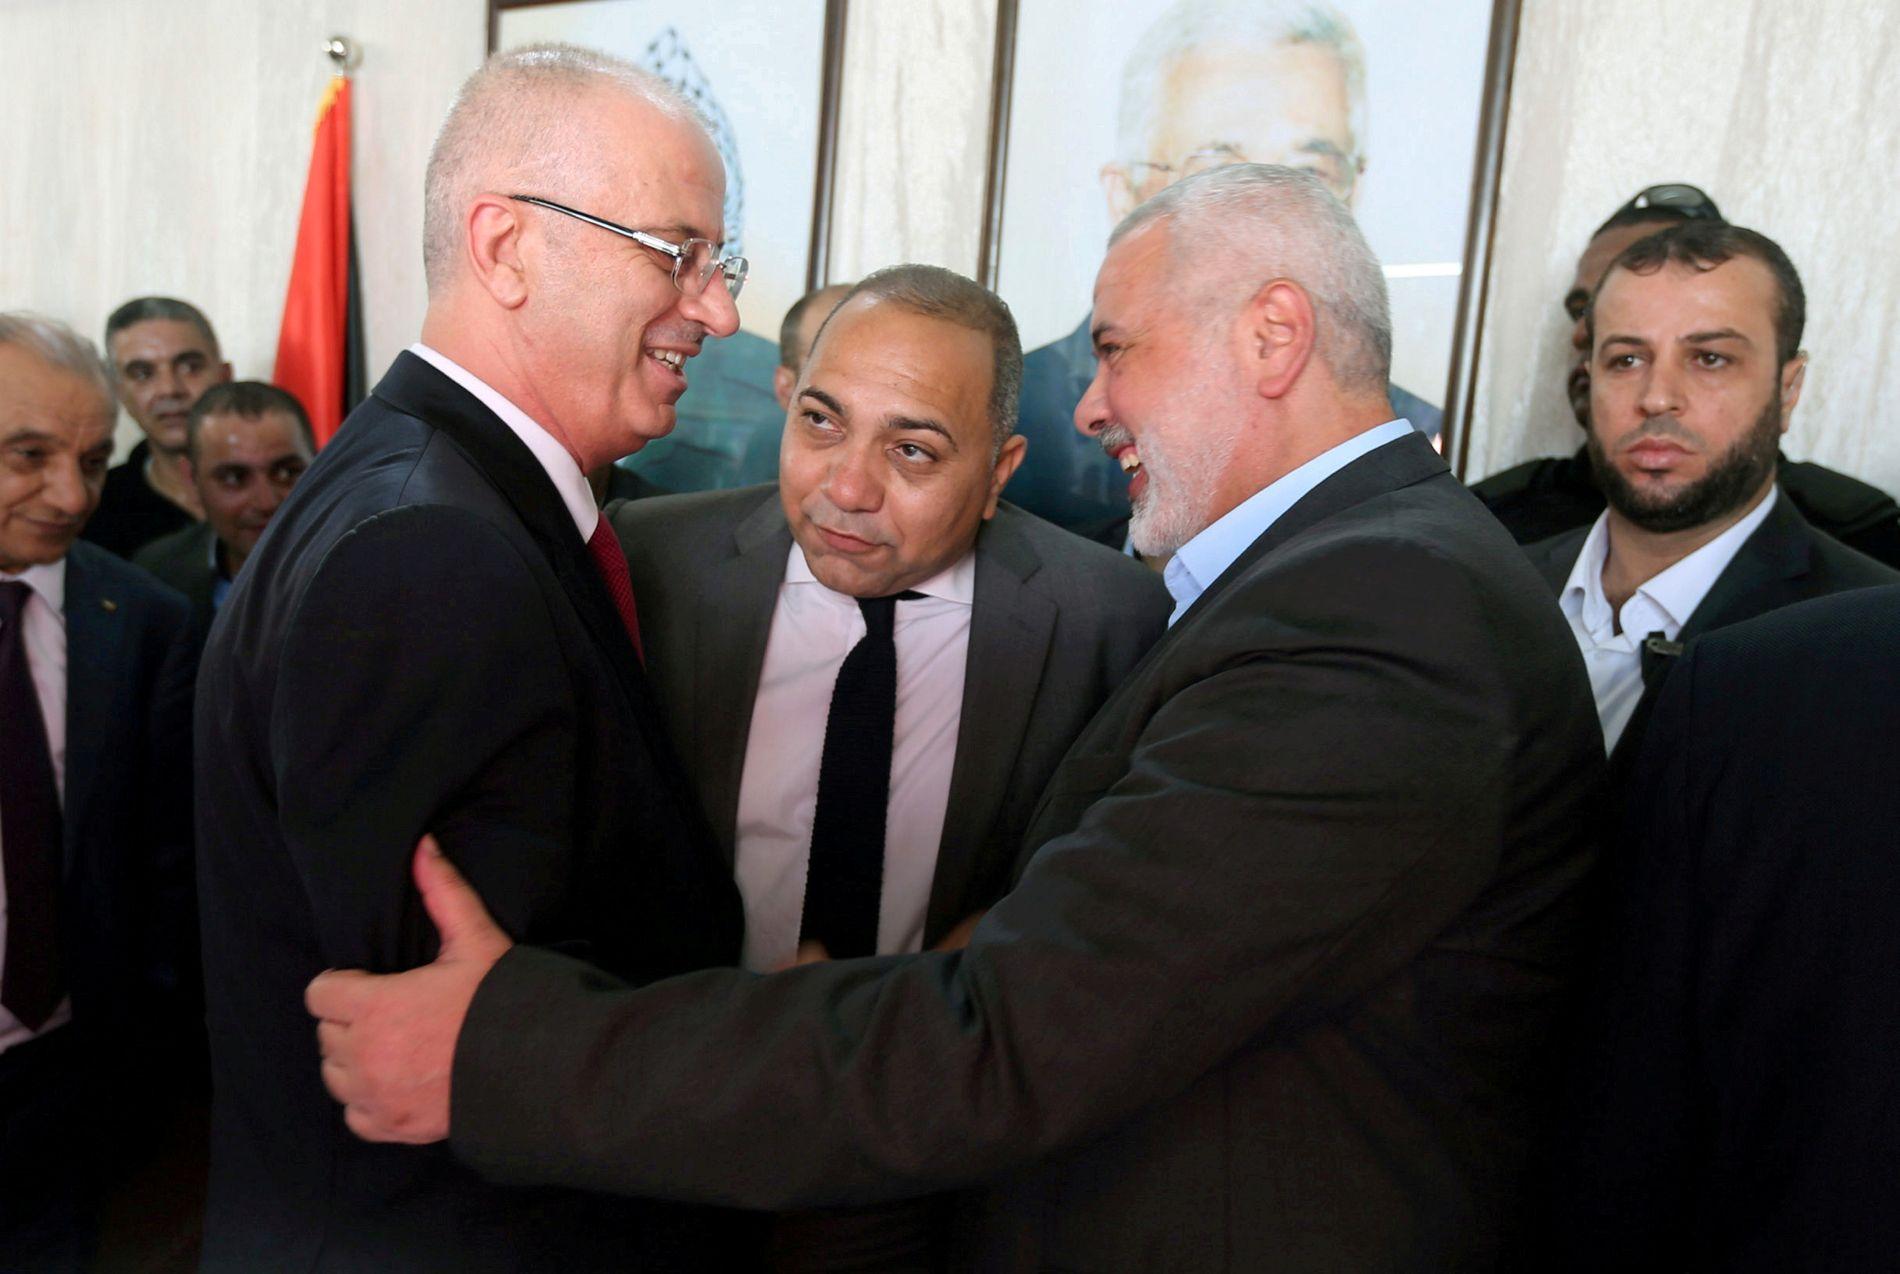 NY AVTALE: Palestinernes statsminister Rami Hamdallah (til høyre) sammen med Hamas-leder Ismail Haniyeh i Gaza i begynnelsen av oktober. Foto: Reuters